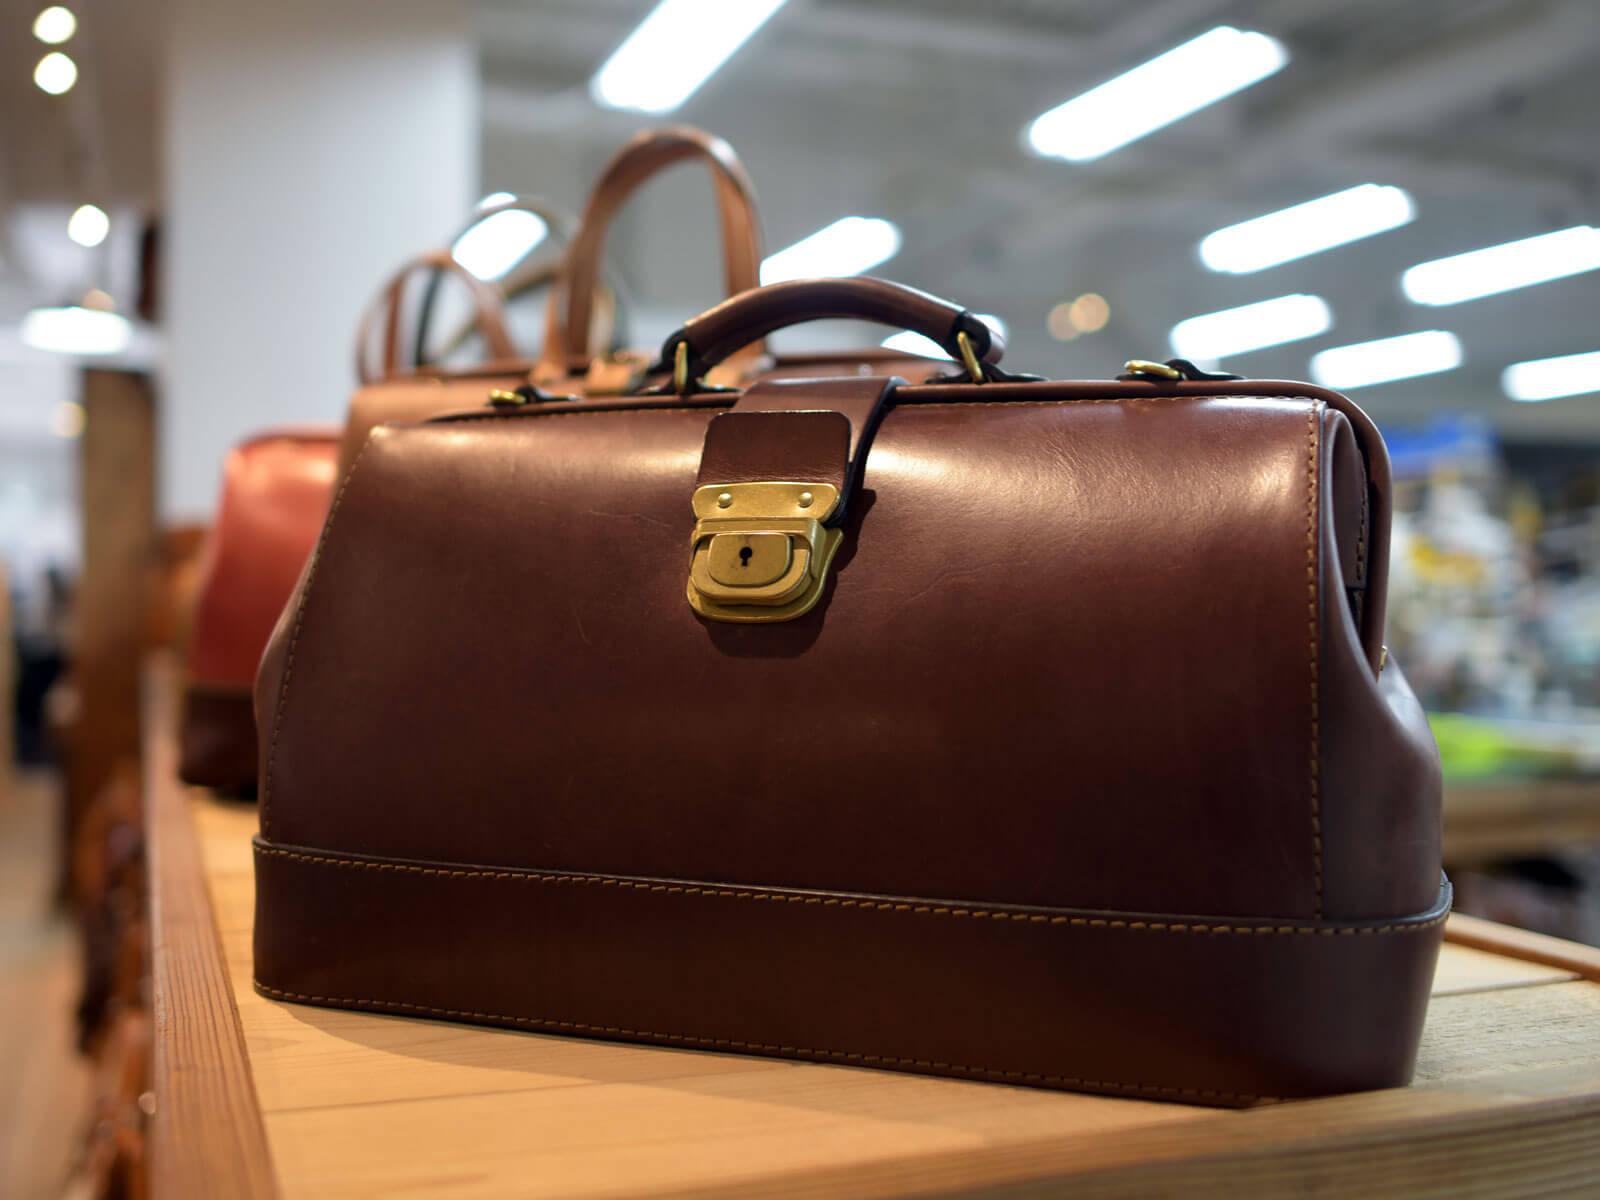 テレビ朝日ドラマスペシャル「そして誰もいなくなった」にボストンバッグが使用されています